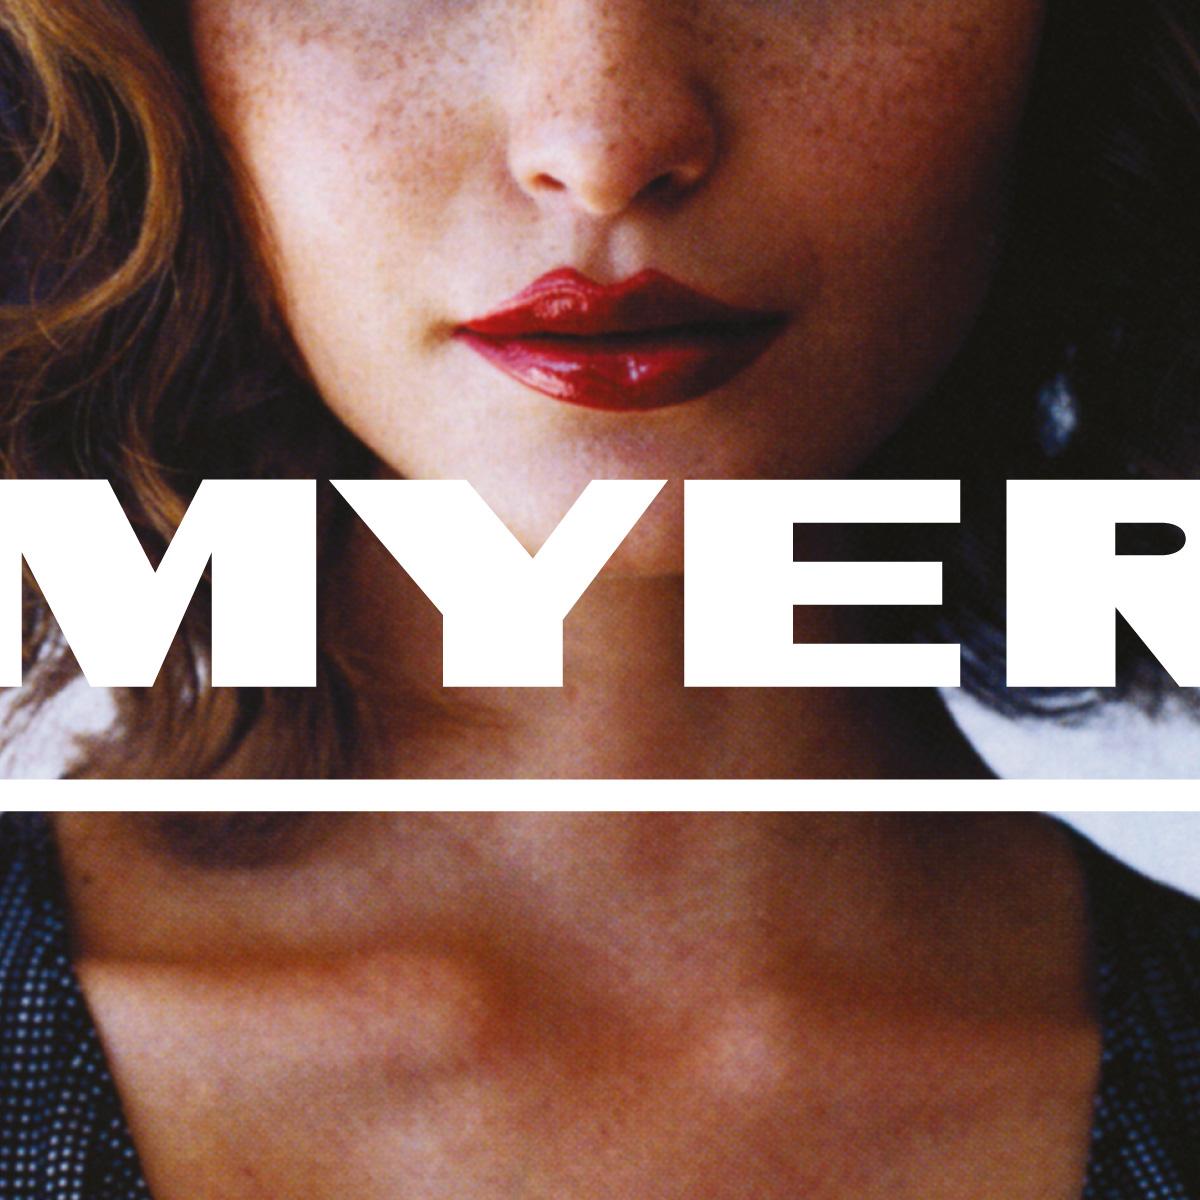 Myer House Brands Myer Brand Strategy Logo